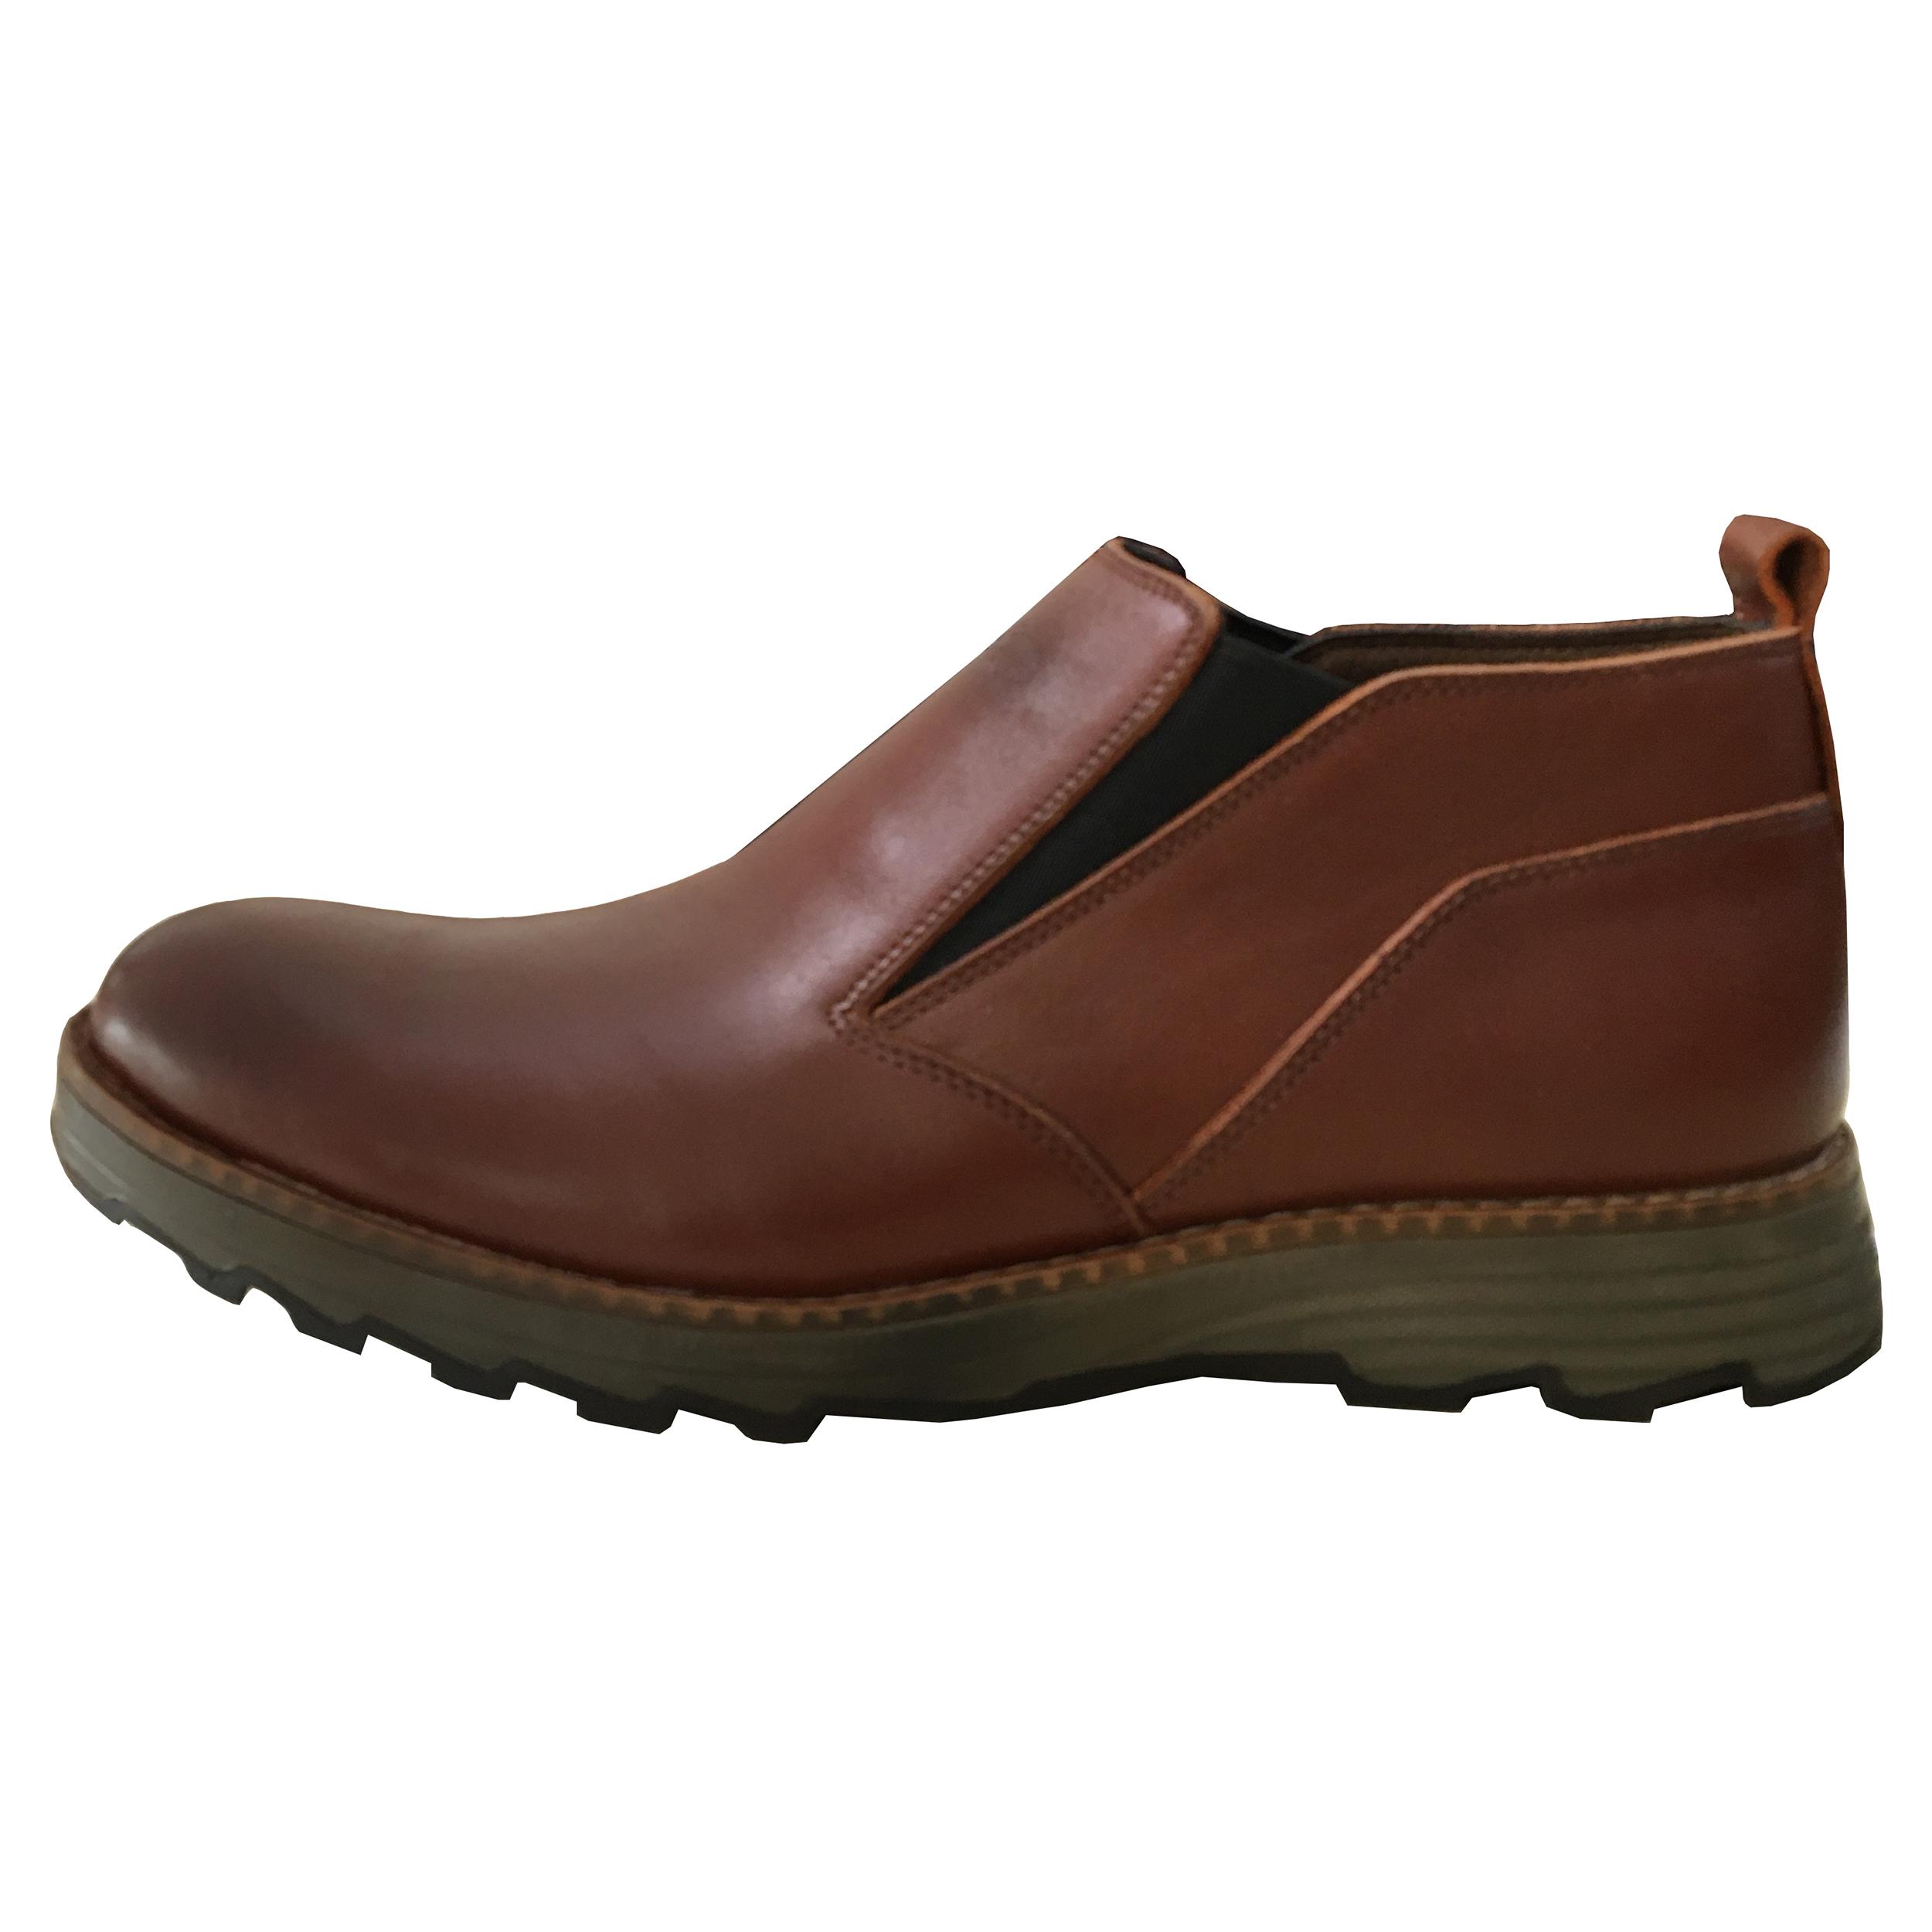 کفش روزمره مردانه مدل G104             , خرید اینترنتی